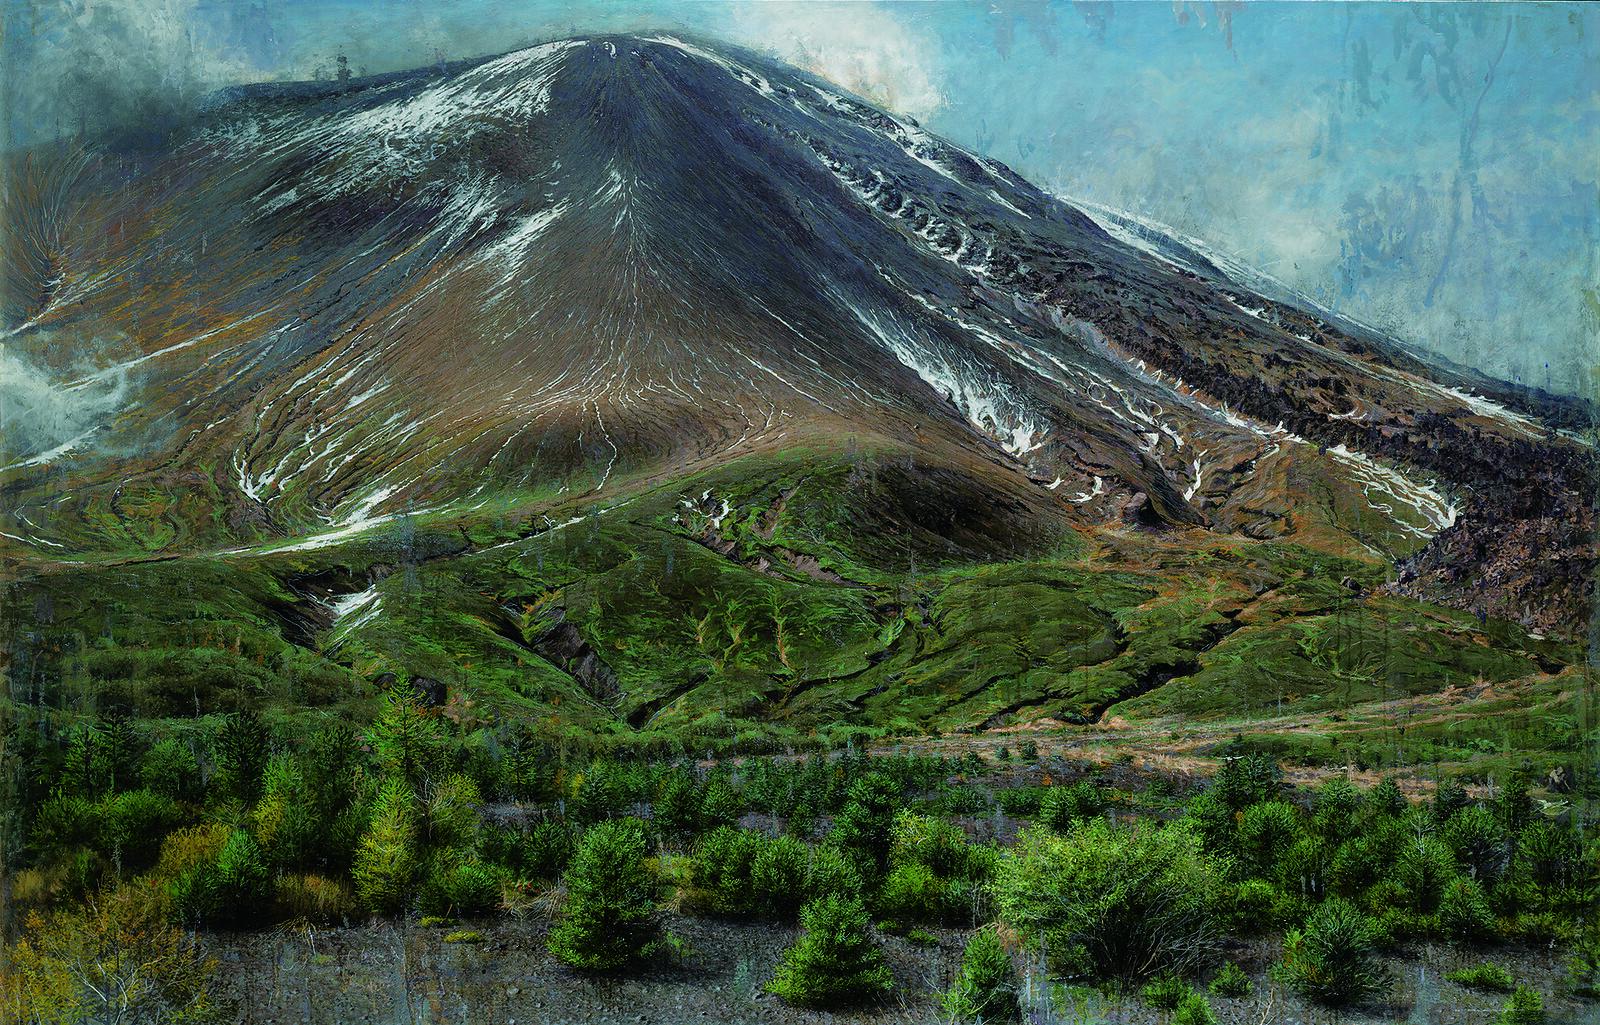 水野暁《The Volcano-大地と距離について/浅間山-》(2012-16年)